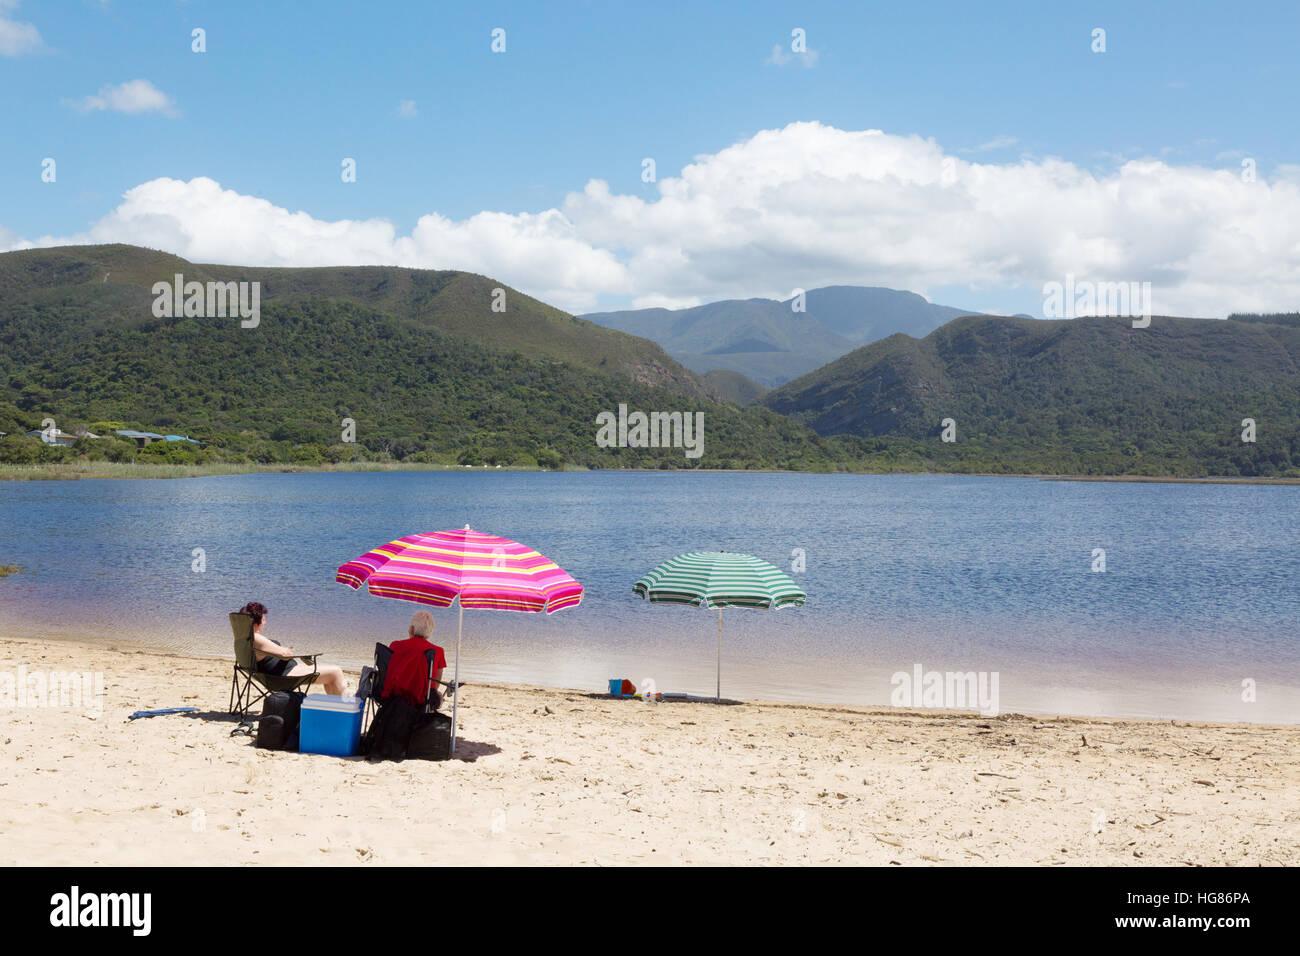 La gente a prendere il sole sulla spiaggia, la natura della Valle, Garden Route, Sud Africa Immagini Stock